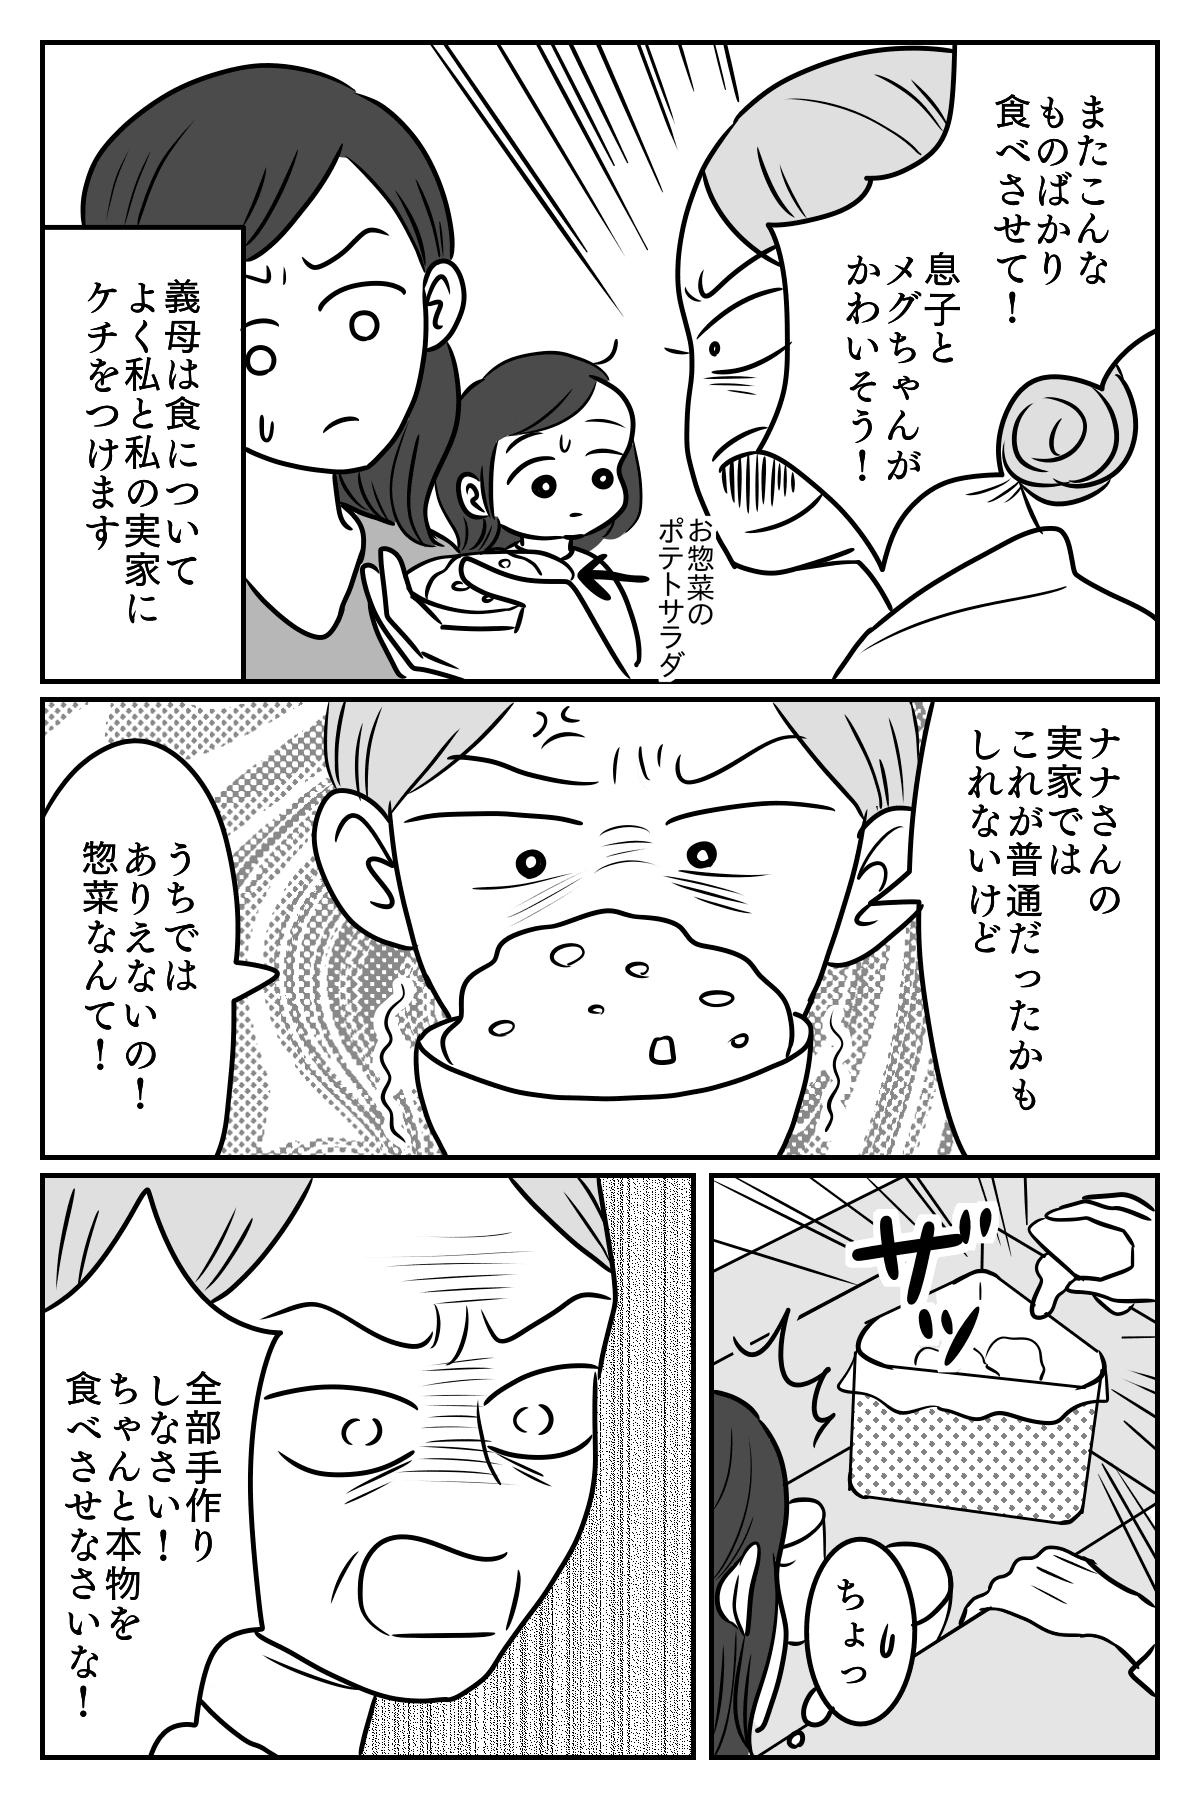 【前編】嫌味な義母への仕返し作戦!